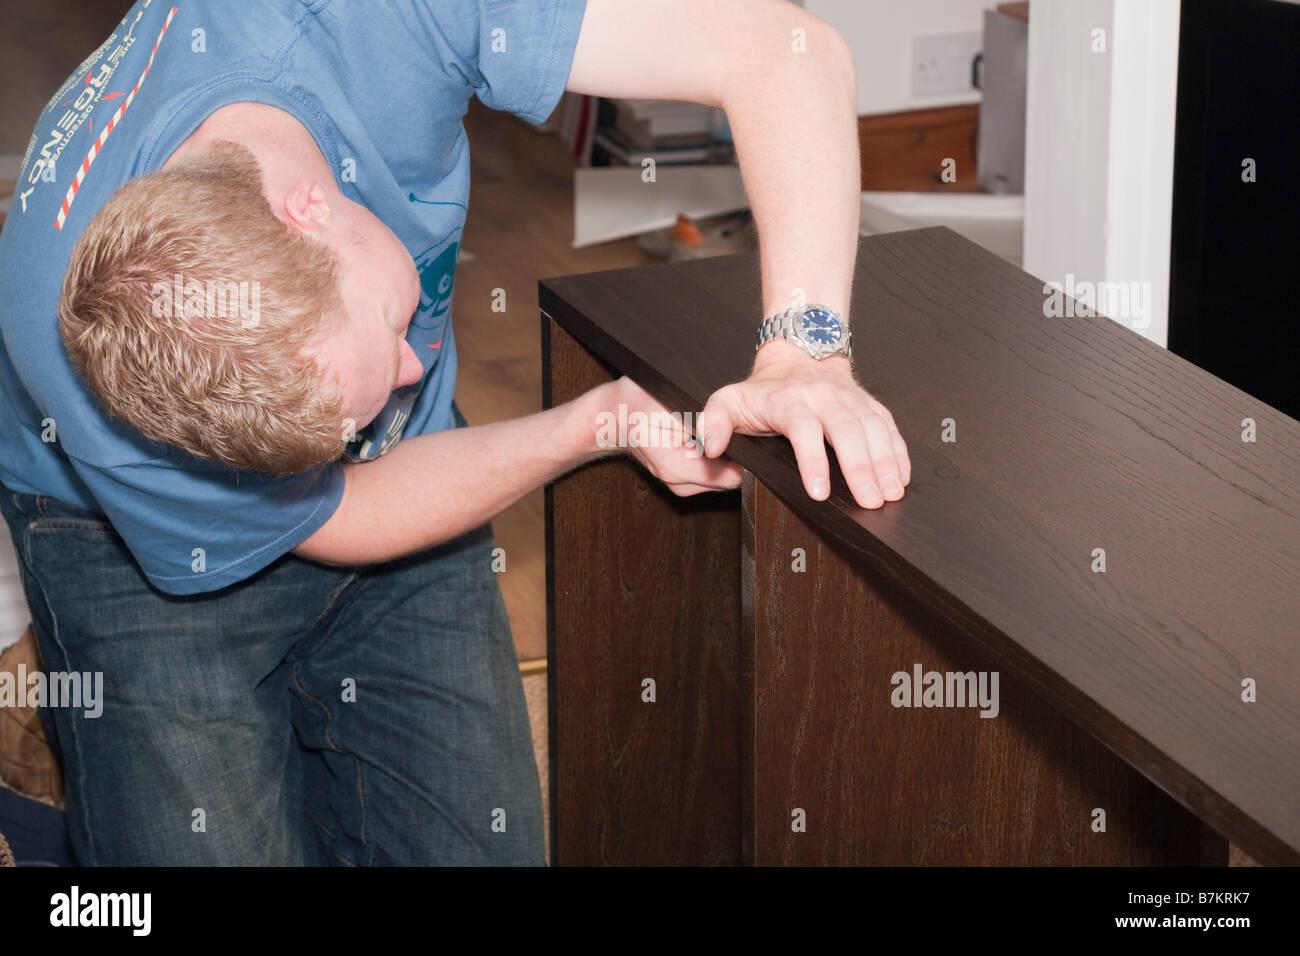 Montaje de un joven milenario flat-pack de estantería de madera en su casa. Inglaterra Gran Bretaña Imagen De Stock